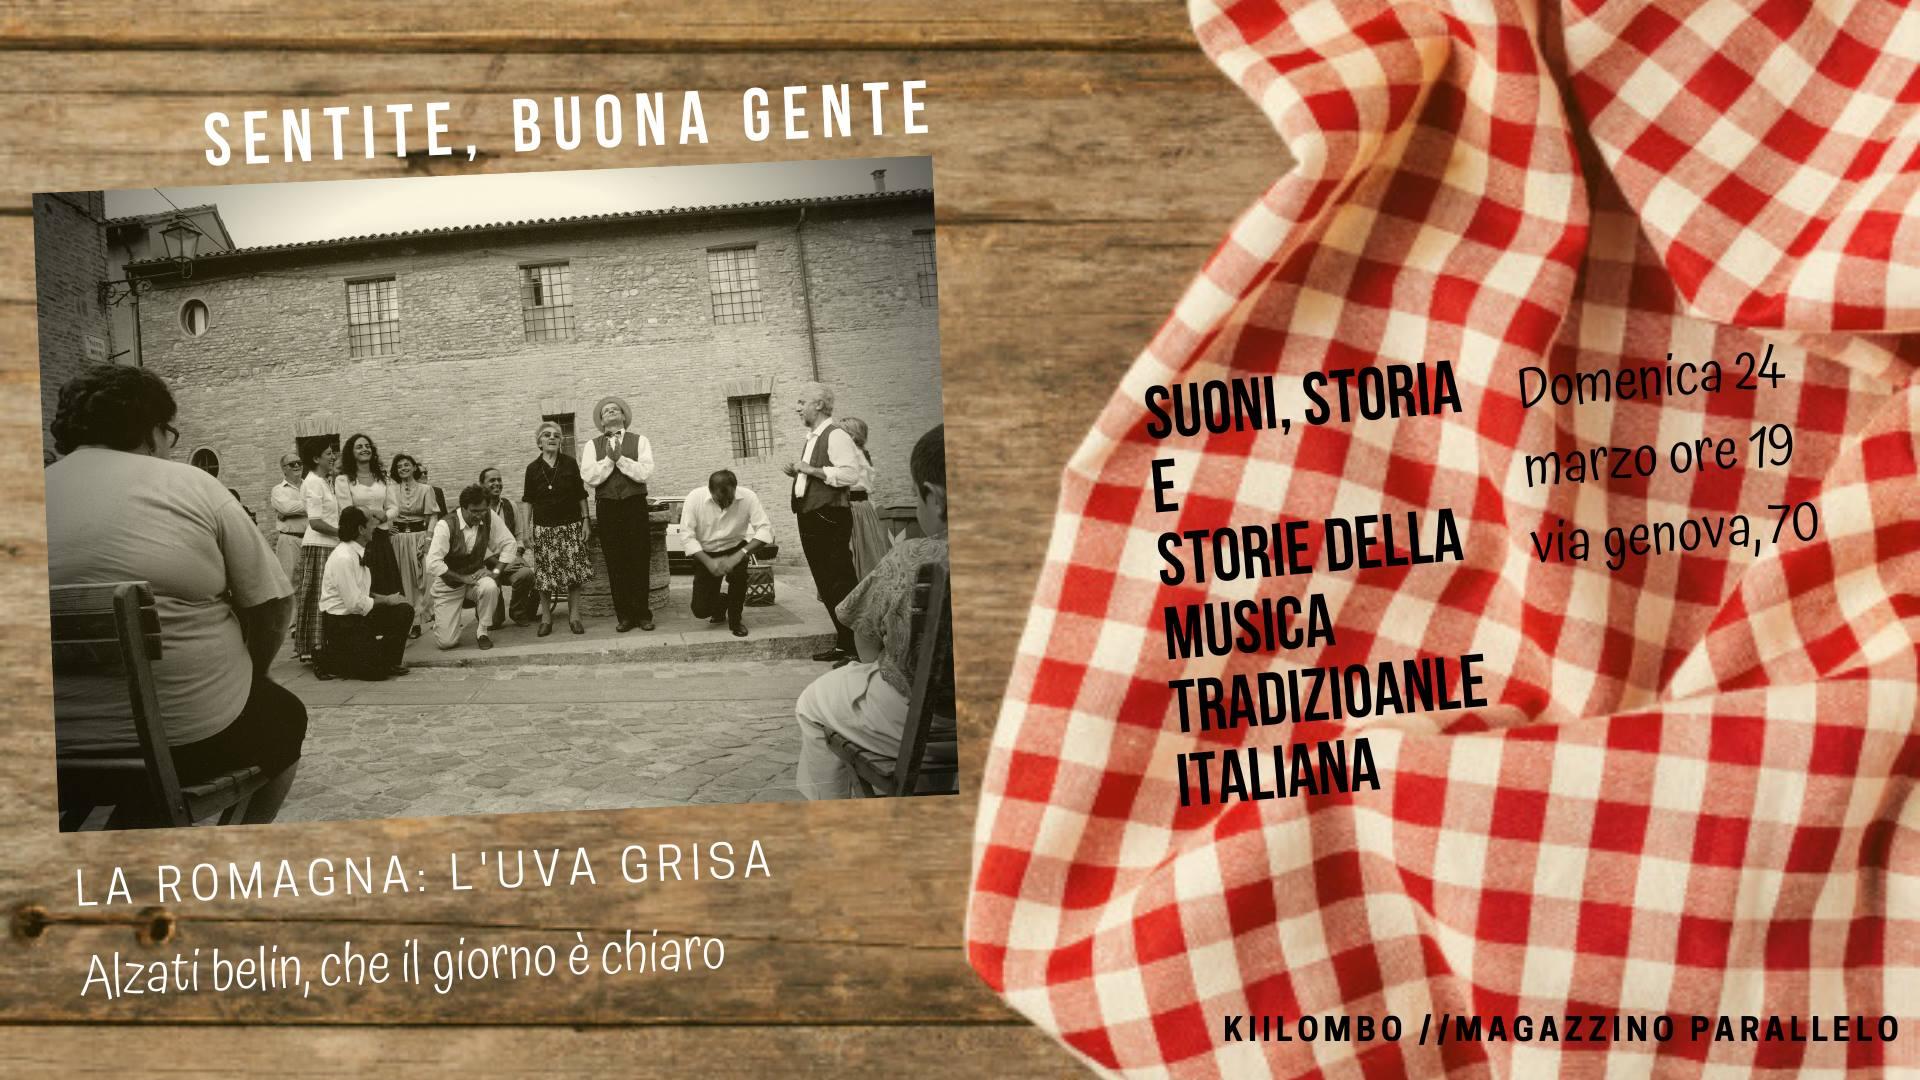 Sentite, buona gente // La Romagna // L'Uva Grisa